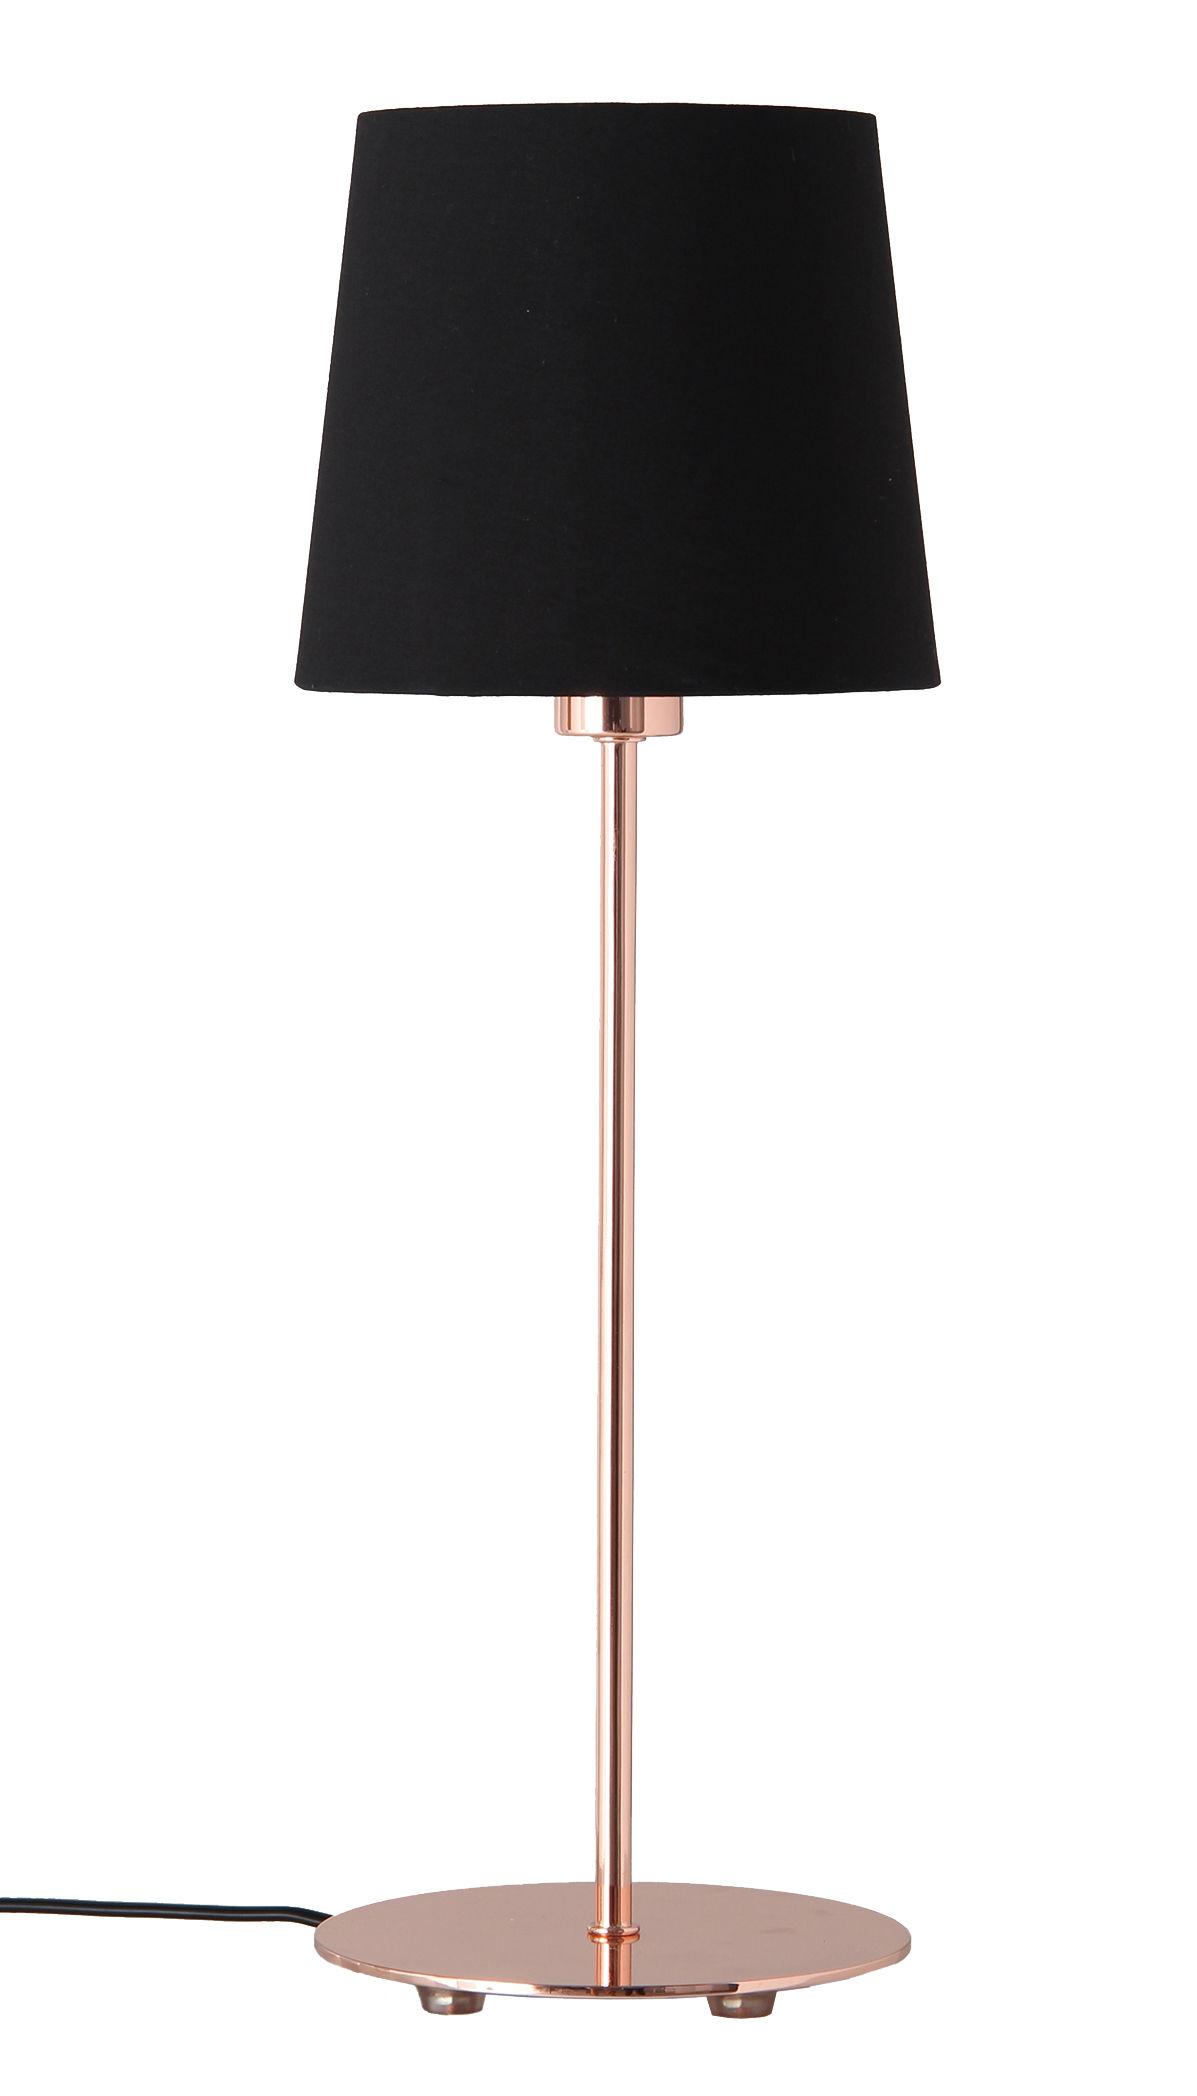 lampe de table amalie cuivre abat jour noir frandsen made in design. Black Bedroom Furniture Sets. Home Design Ideas